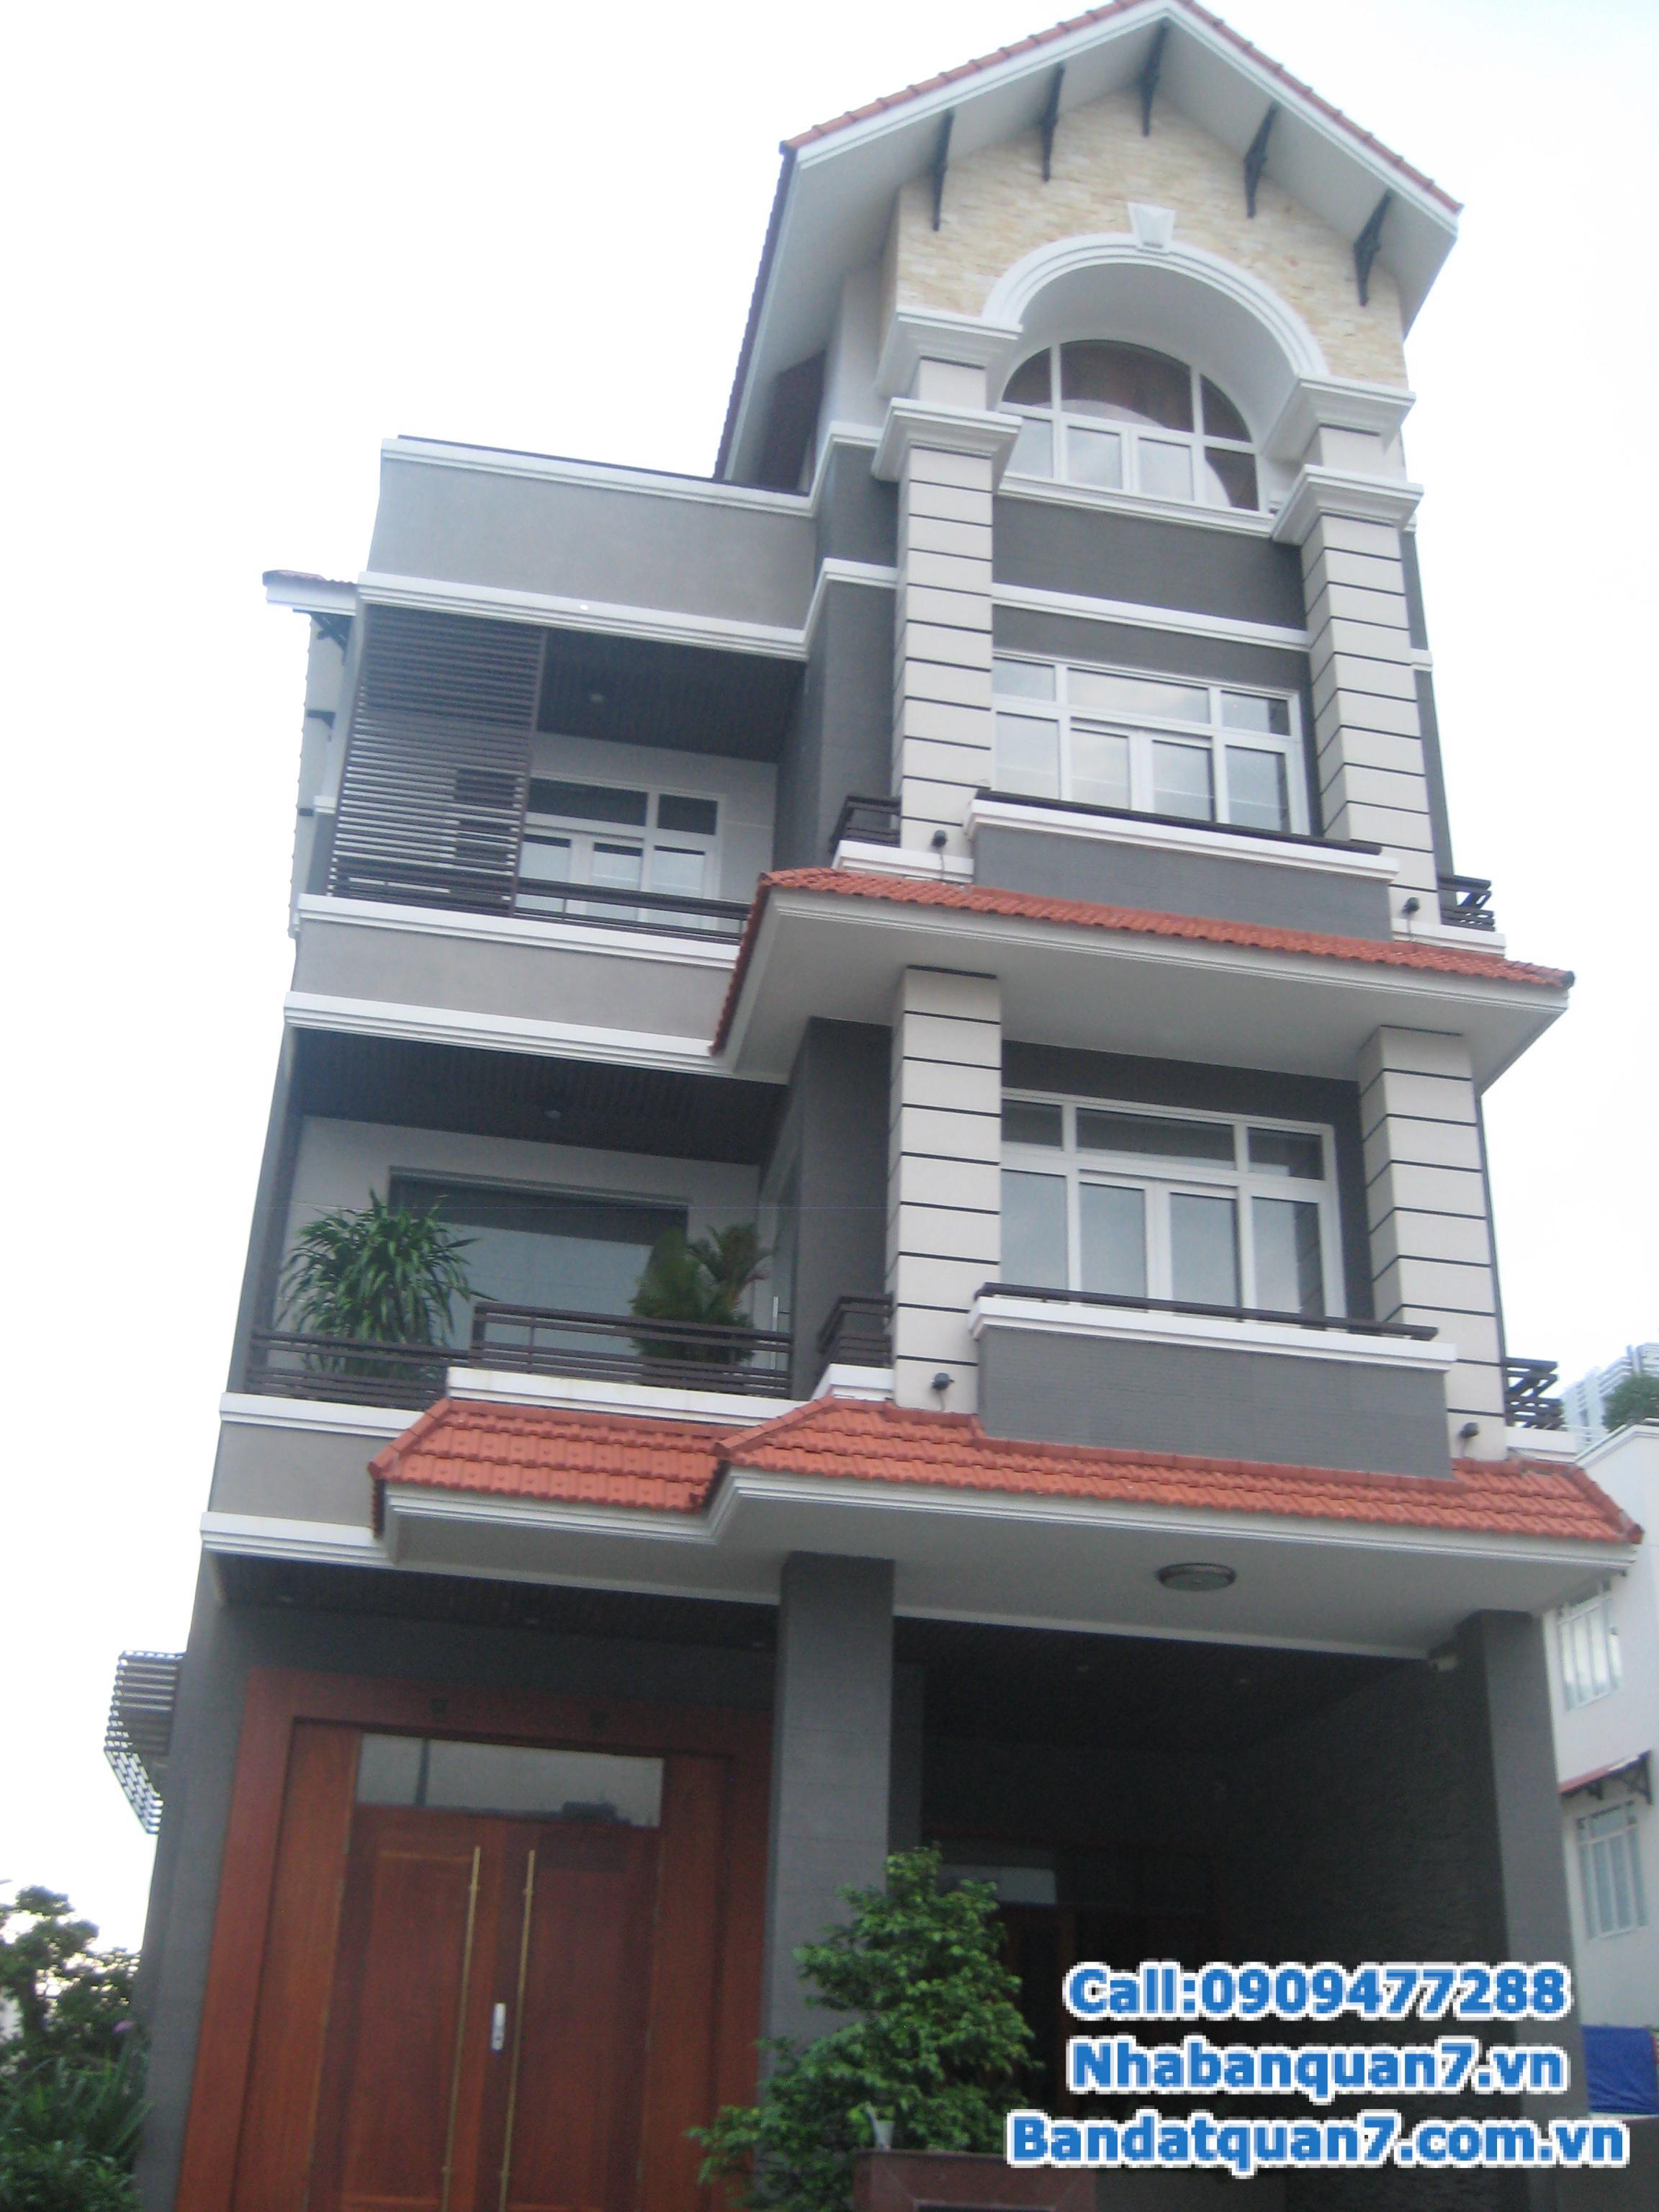 Bán nhà KDC Him Lam Kênh Tẻ Quận 7, mặt tiền đường D1, lô O2, diện tích 5x20m. Giá 16.5 tỷ.